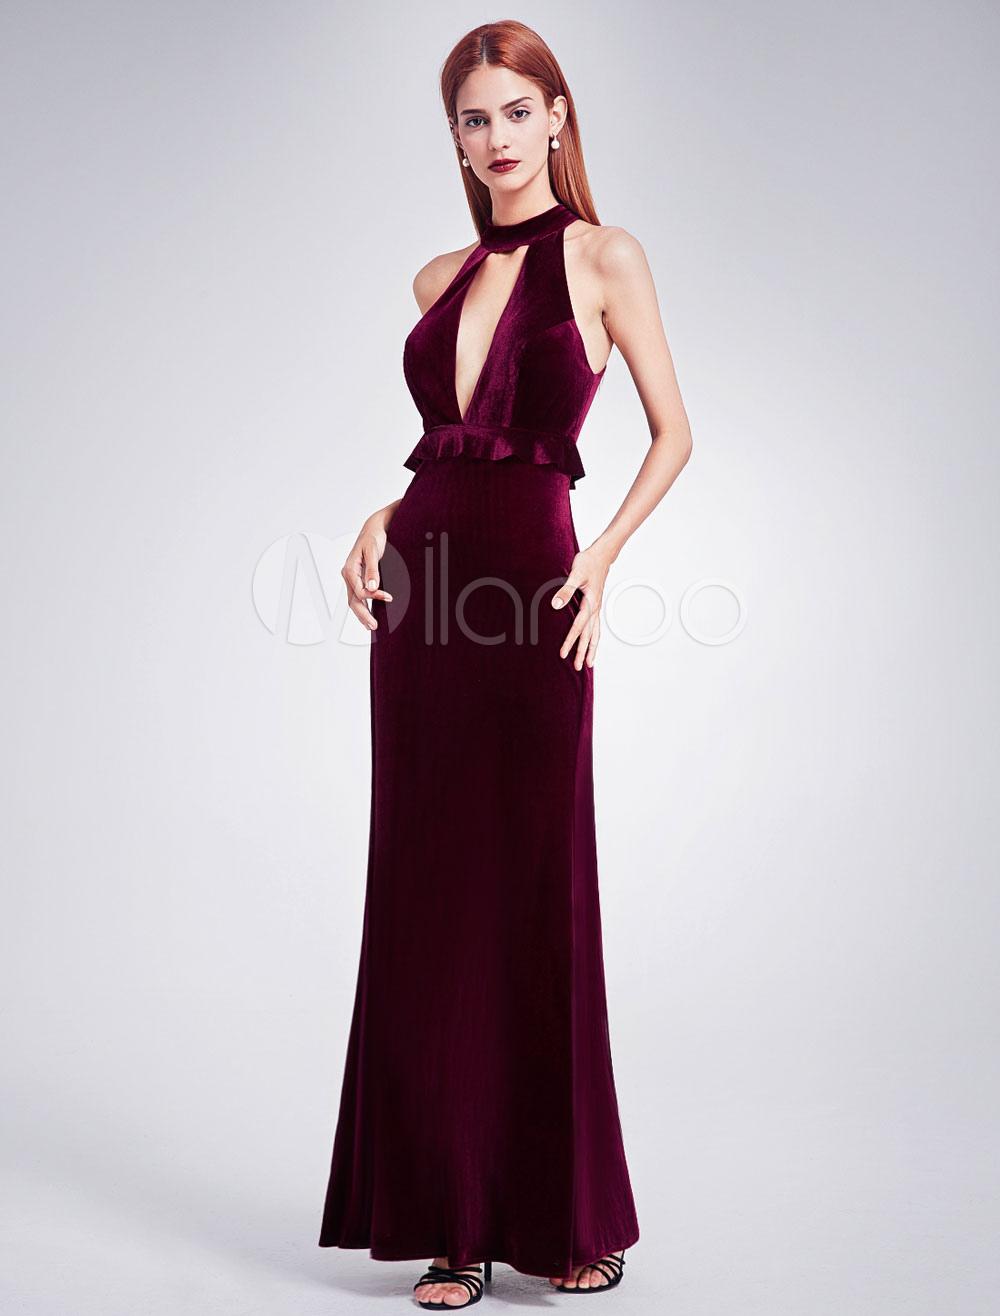 Buy Velvet Evening Dress Halter Burgundy Formal Dress V Neck Peplum Floor Length Prom Dress for $118.79 in Milanoo store